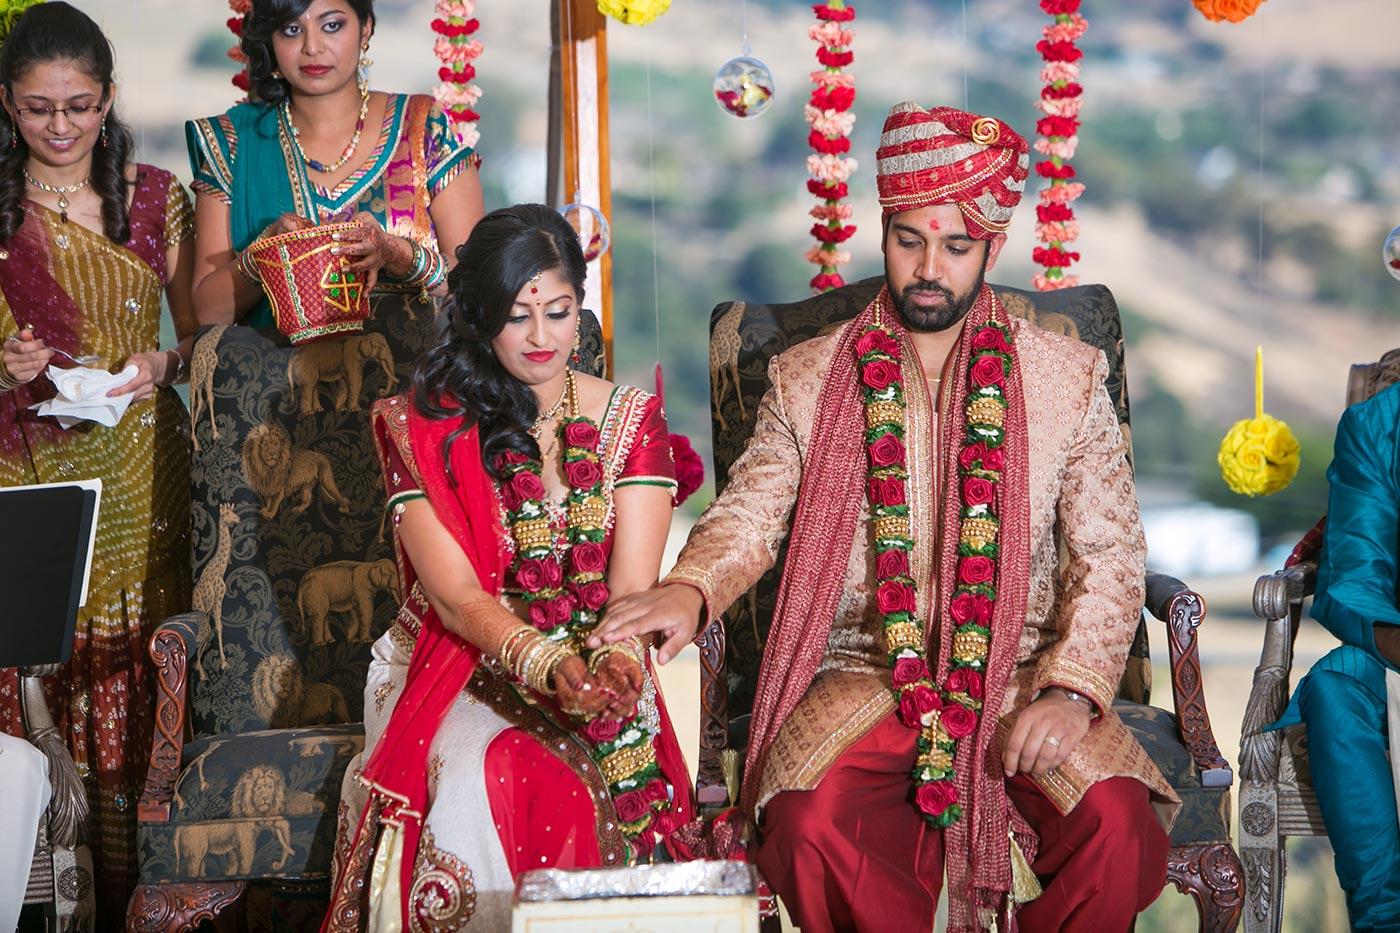 san-jose-indian-wedding-photos-58